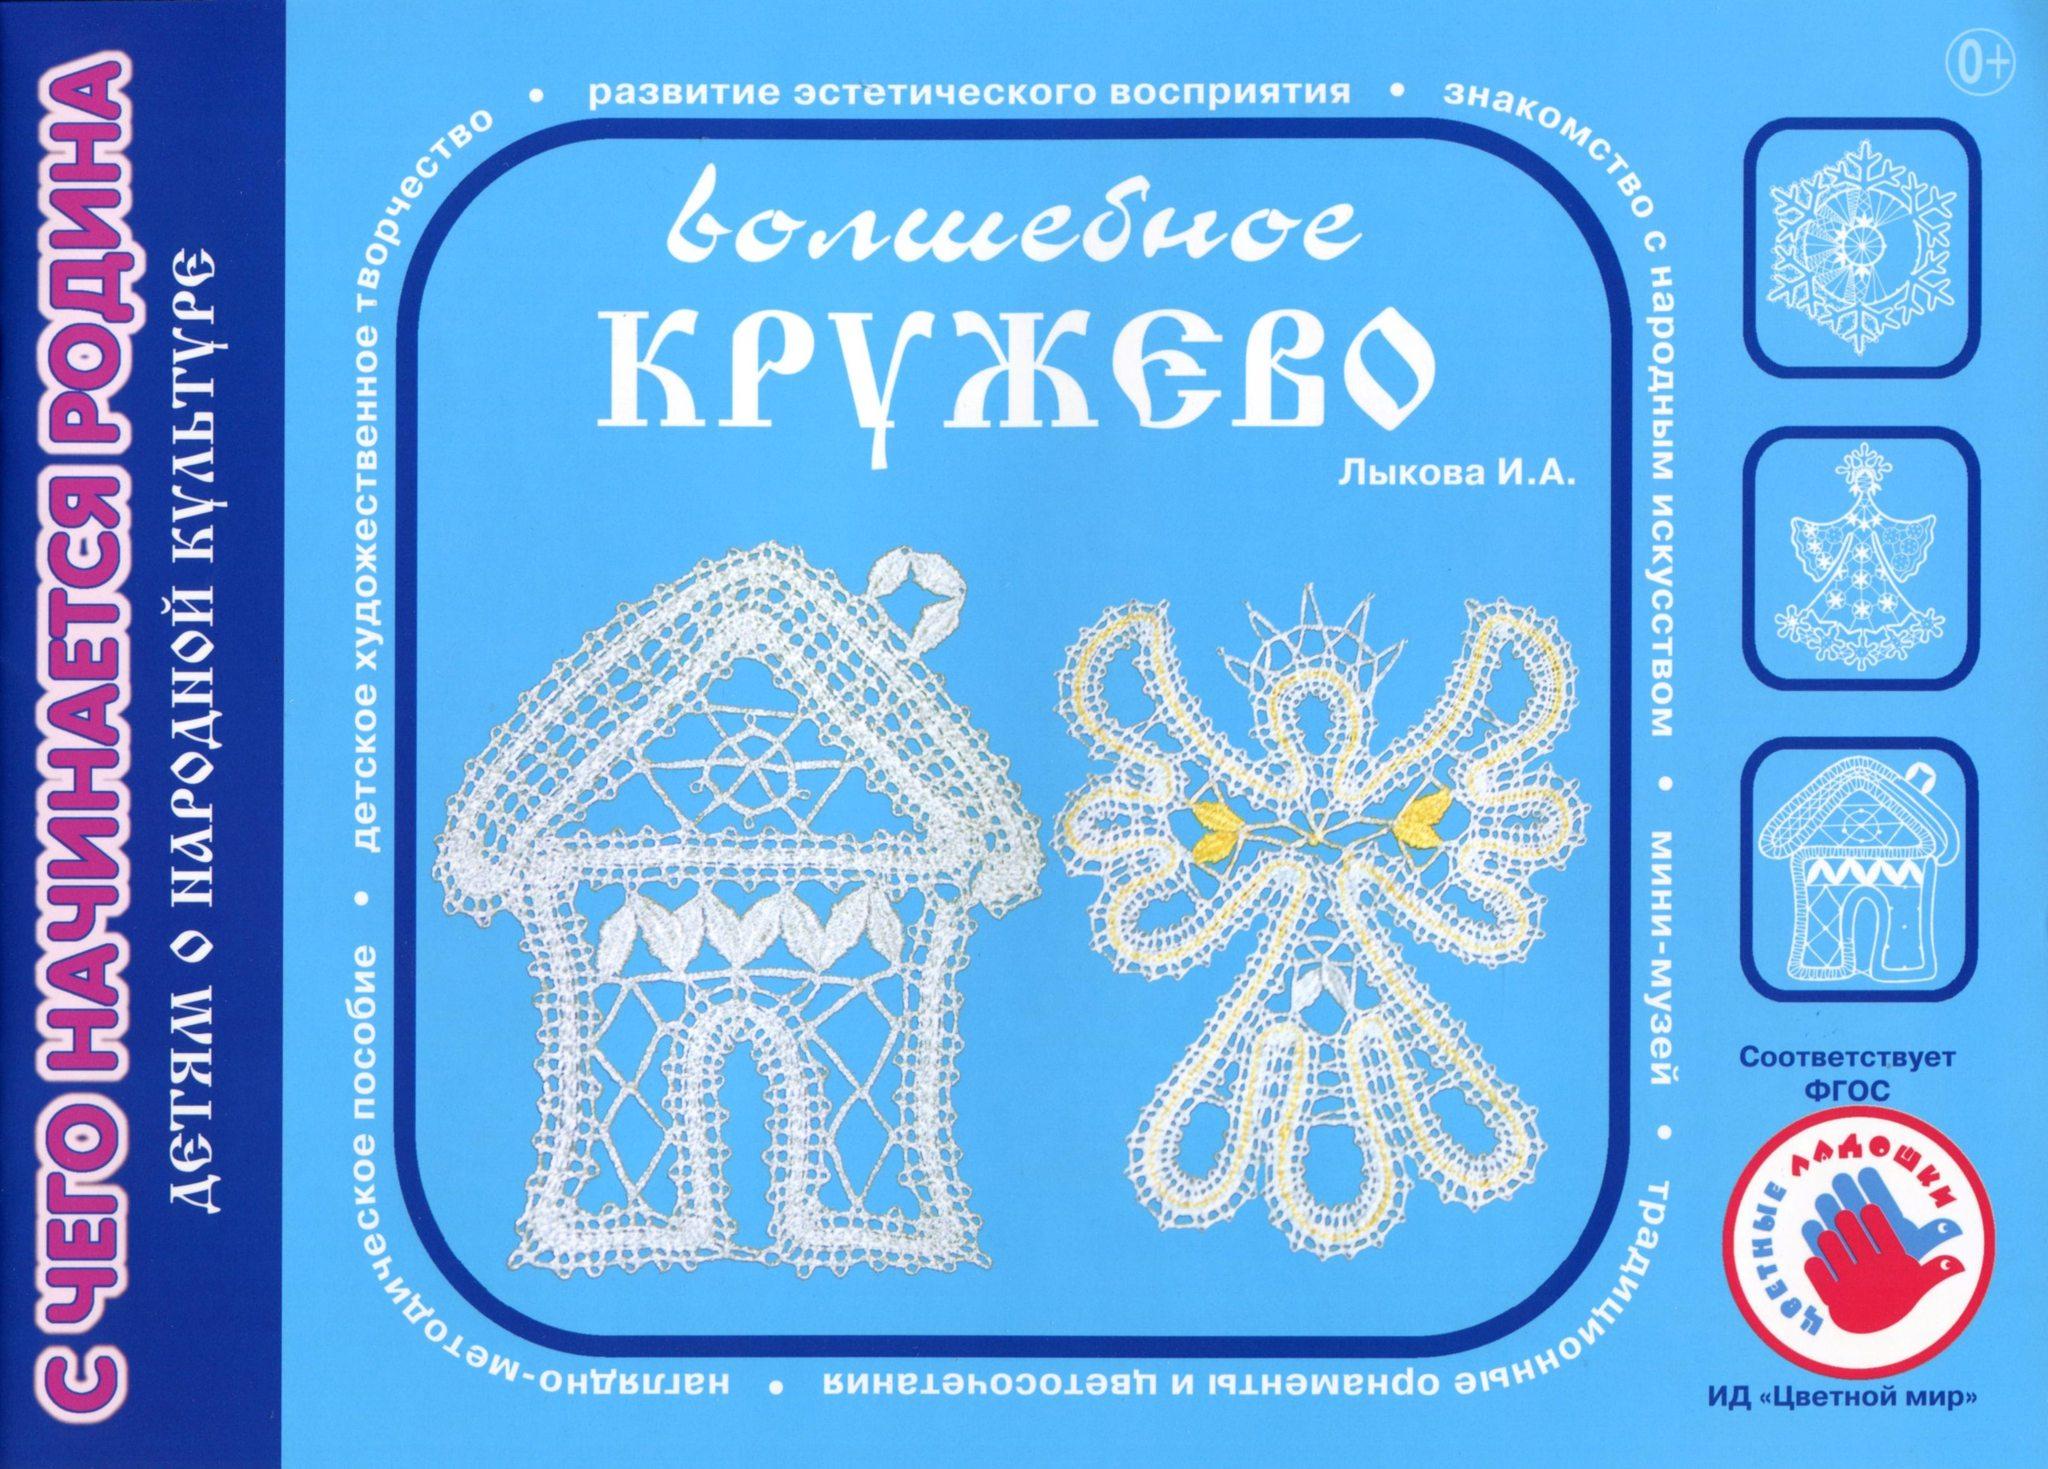 Вологодское Для чего Что такое Альбомы для скрапбукинга новосибирск